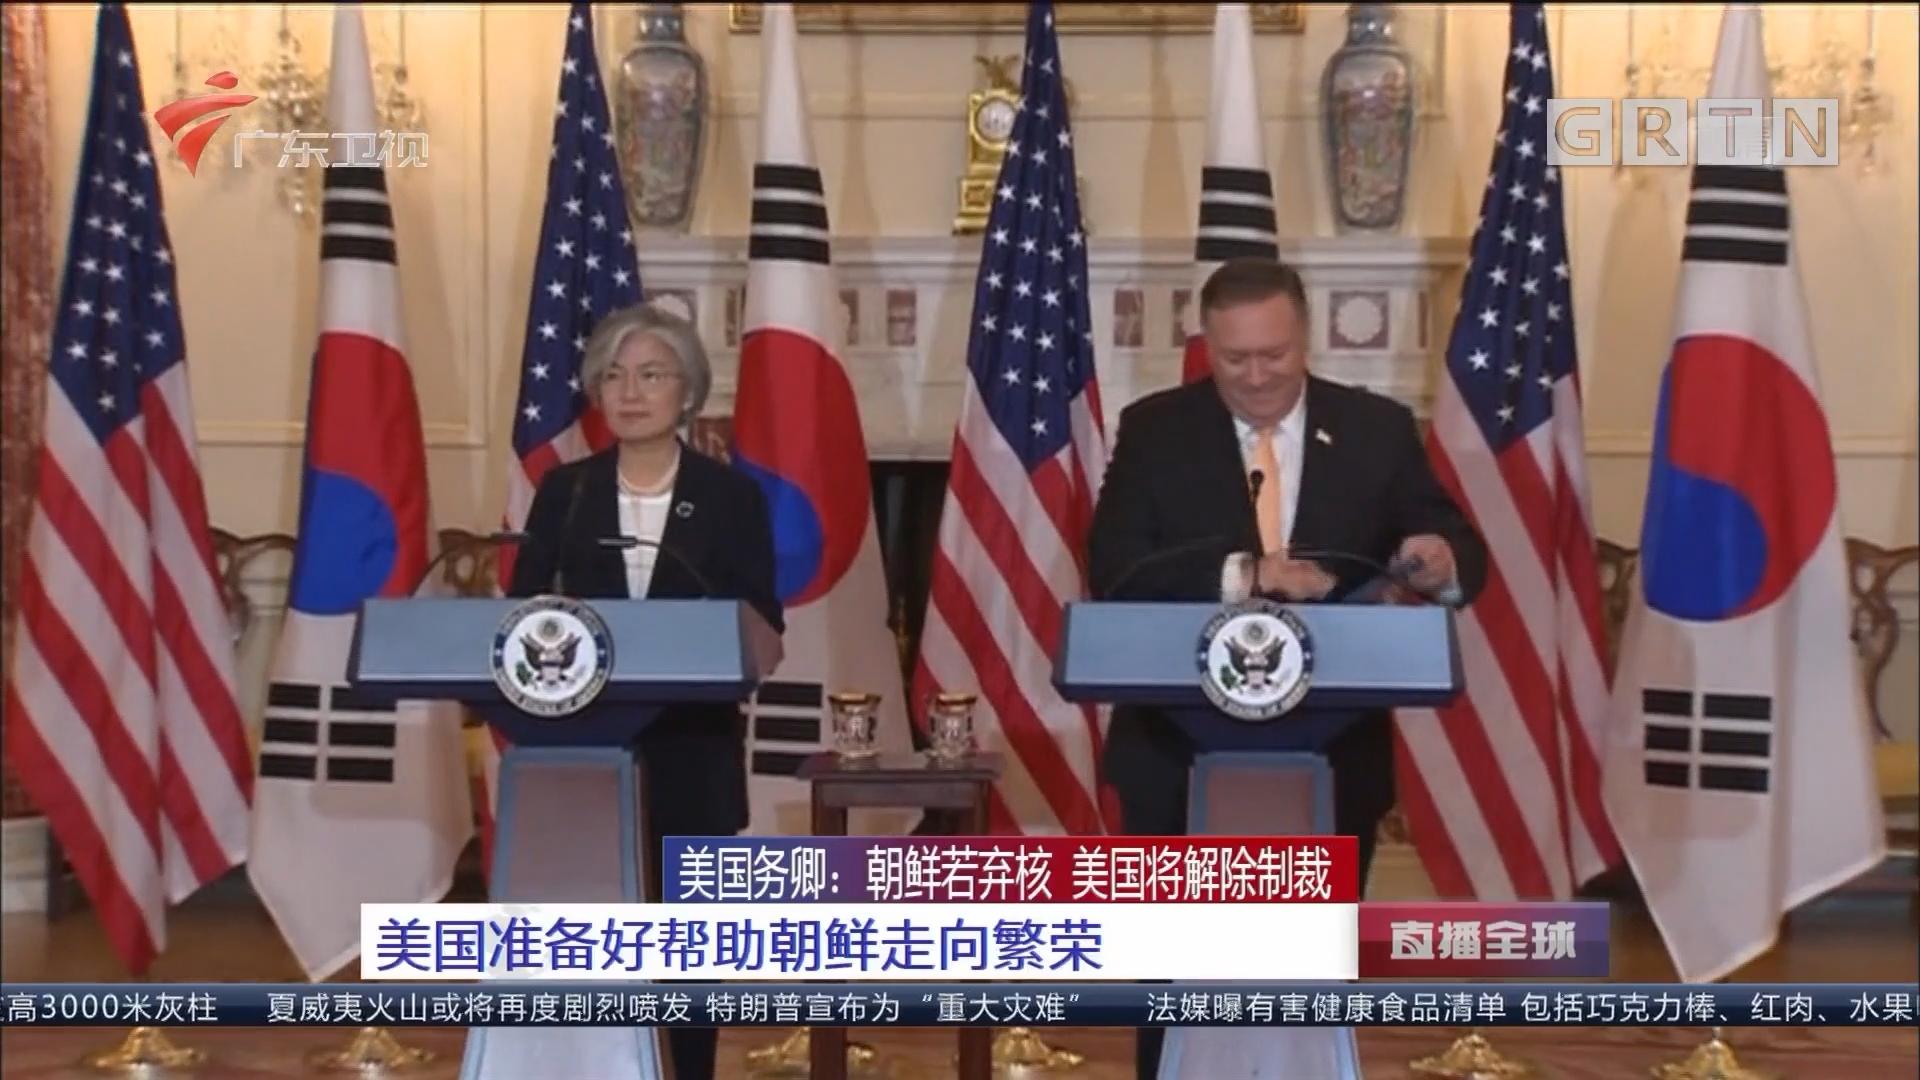 美国务卿:朝鲜若弃核 美国将解除制裁 美国准备好帮助朝鲜走向繁荣